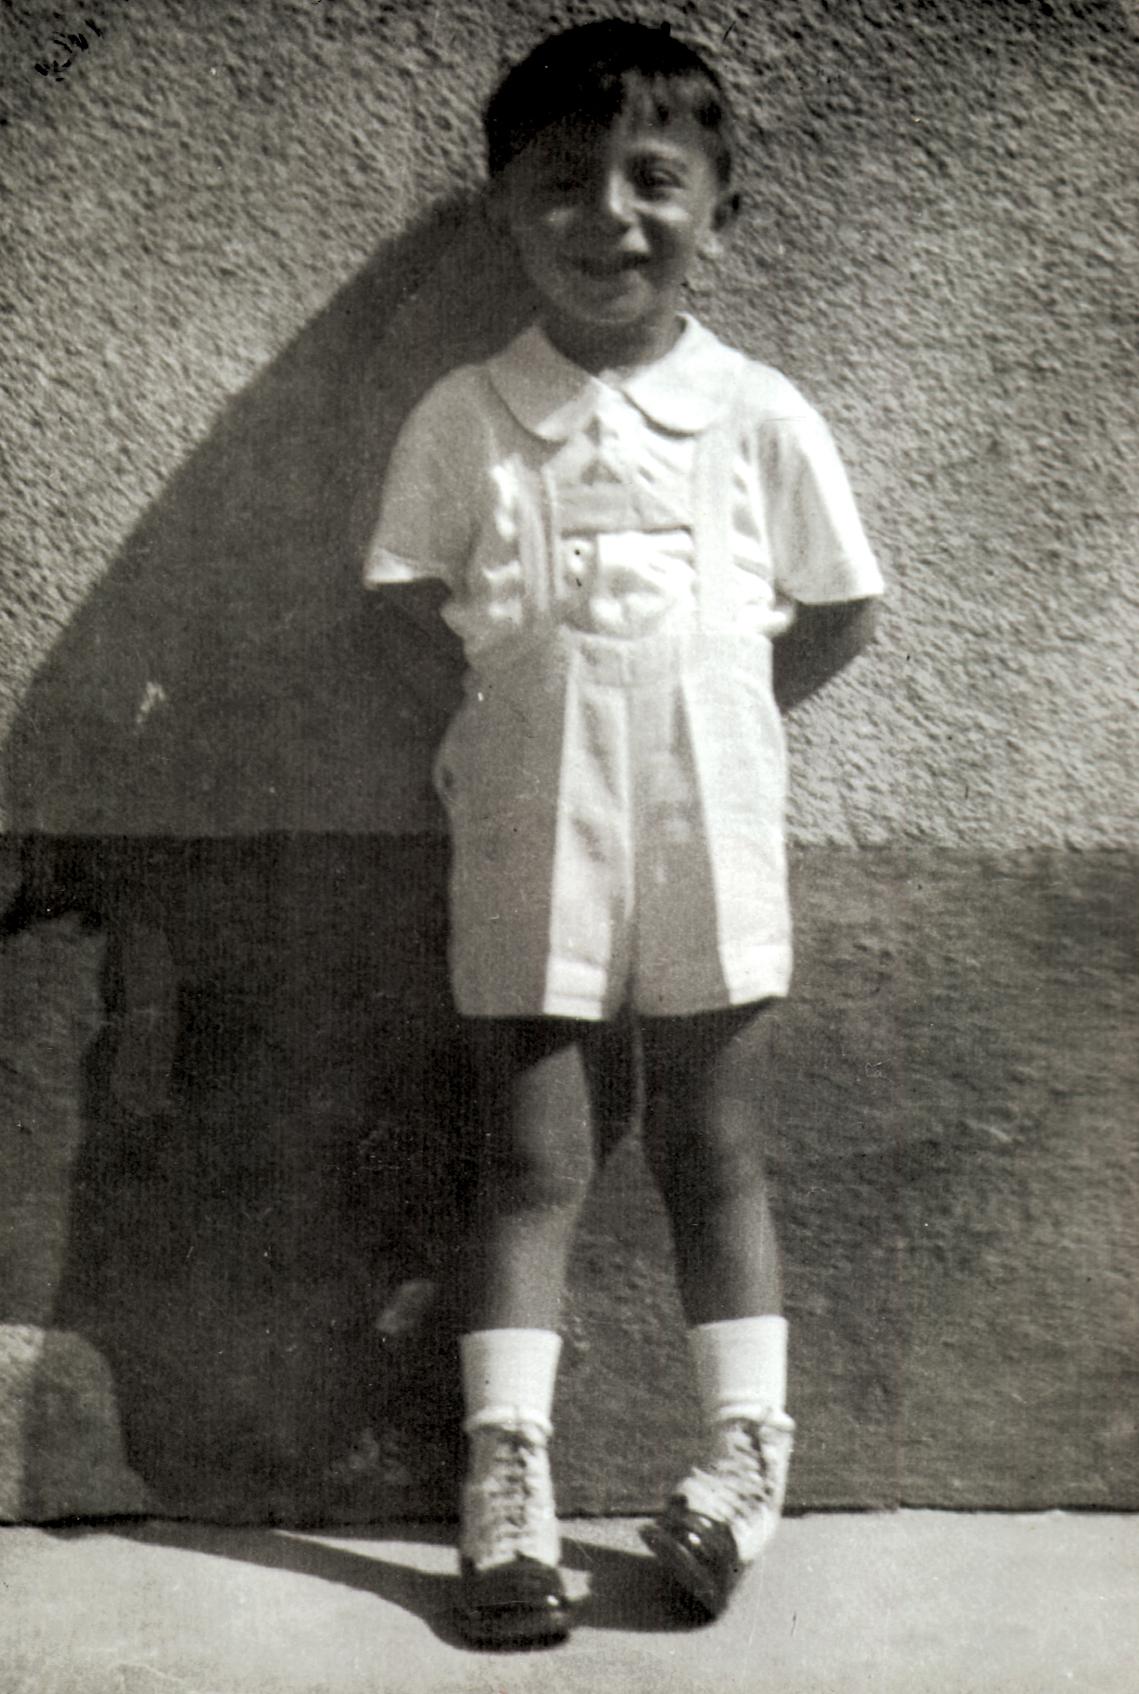 Peter  Reisz as a little boy